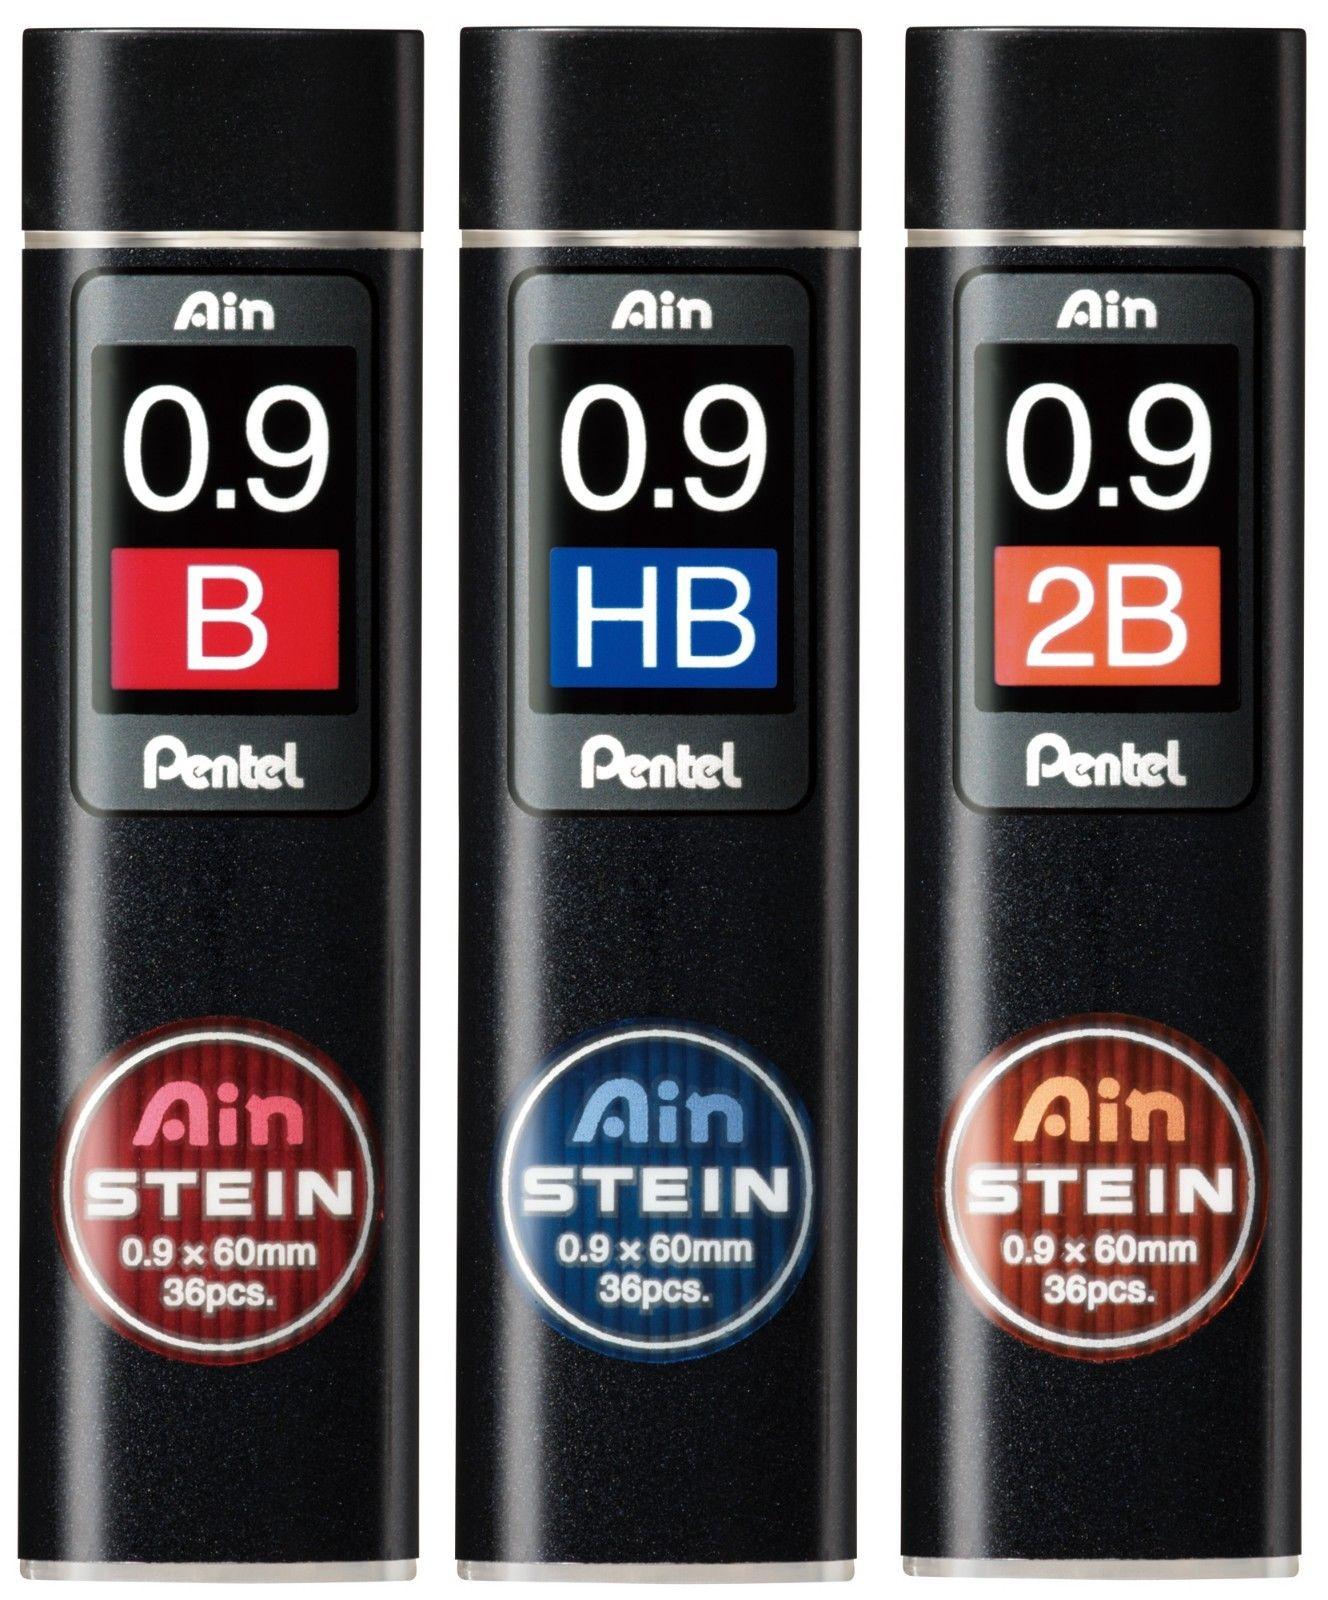 4 Pentel Graphgear 1000 Mechanical Drafting Pensil Set Pg1013 15 17 Staedtler Triplus Fineliner 334 M50 Pulpen Warna 3 Tabung Ain C279 Baru Isi Ulang Memimpin 09mm Hb B